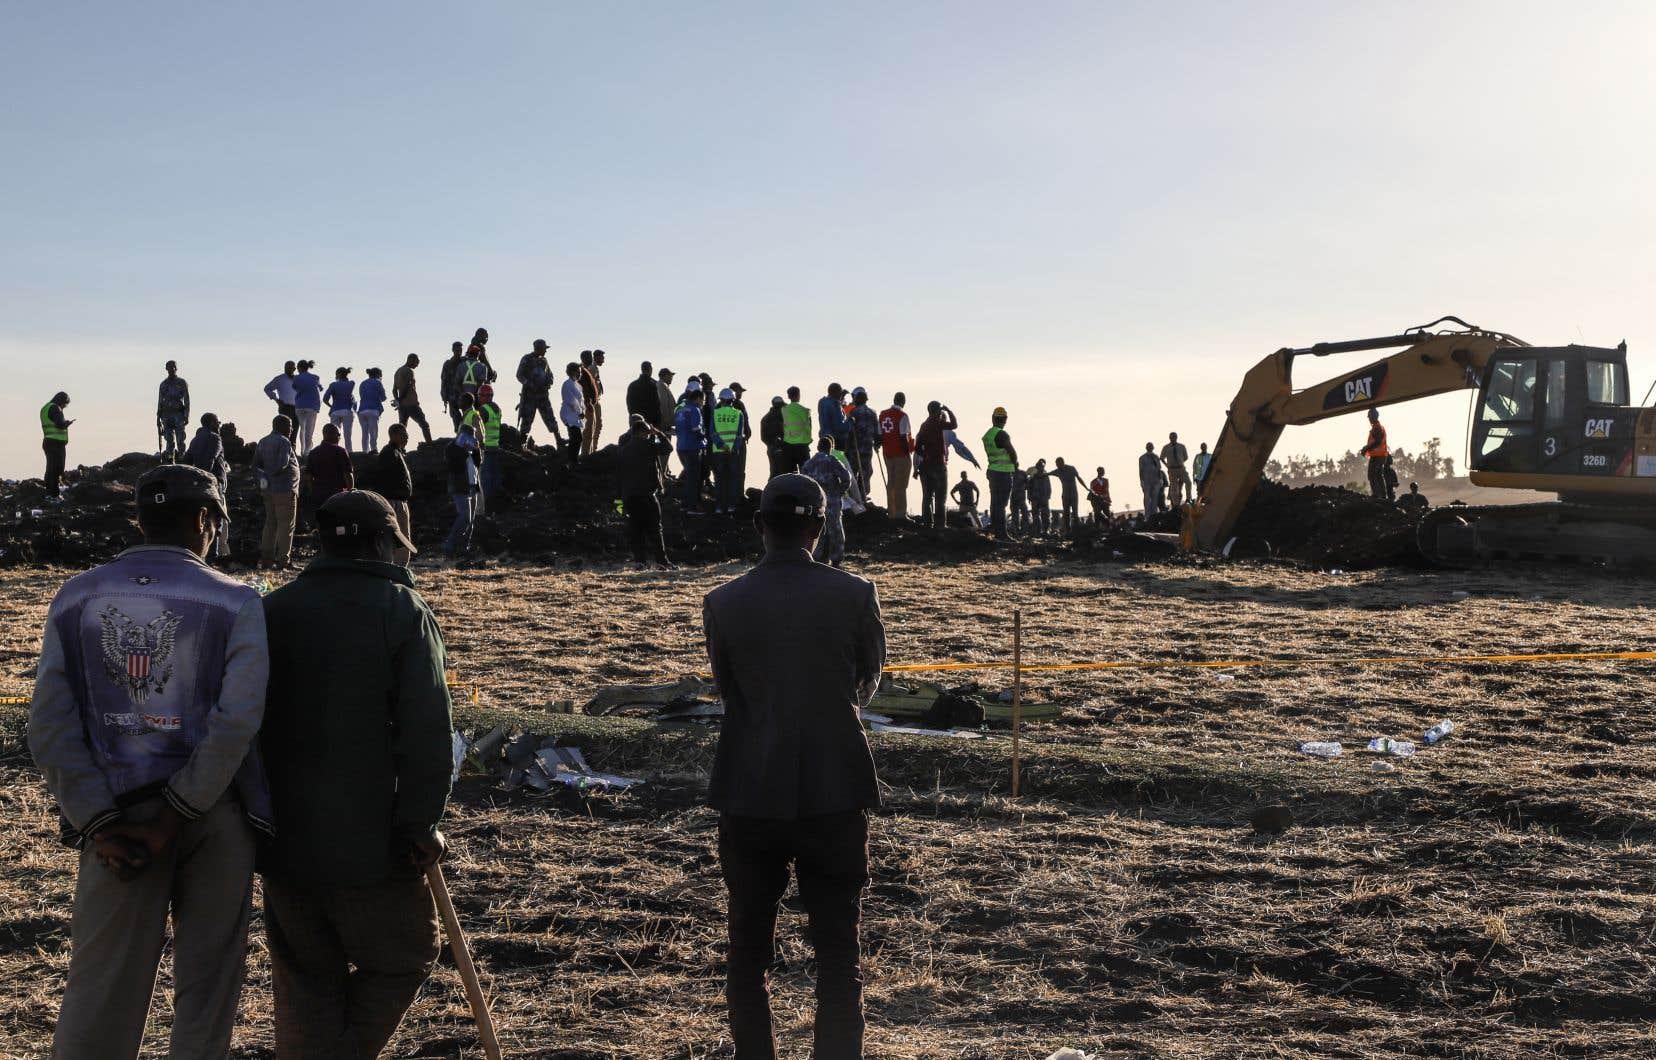 Dix-huit Canadiens sont morts lorsqu'un avion d'Ethiopian Airlines s'est écrasé peu après le décollage de l'aéroport international de Bole, à Addis-Abeba.